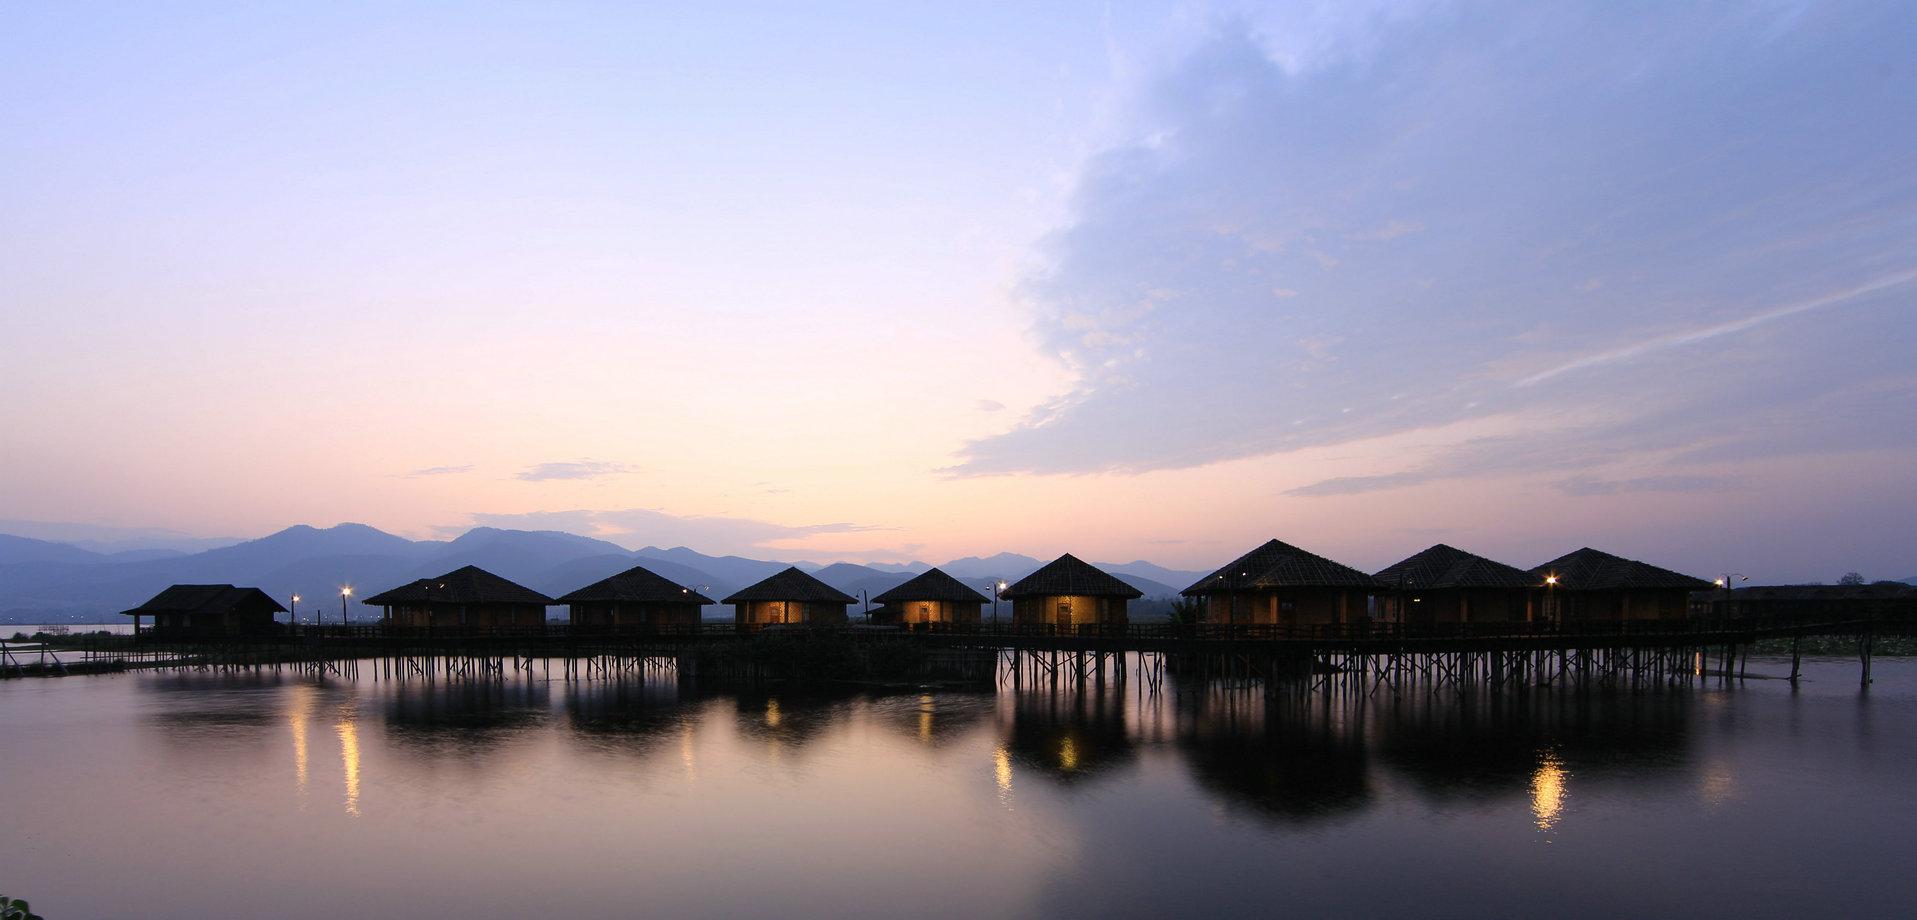 2015缅甸茵莱湖